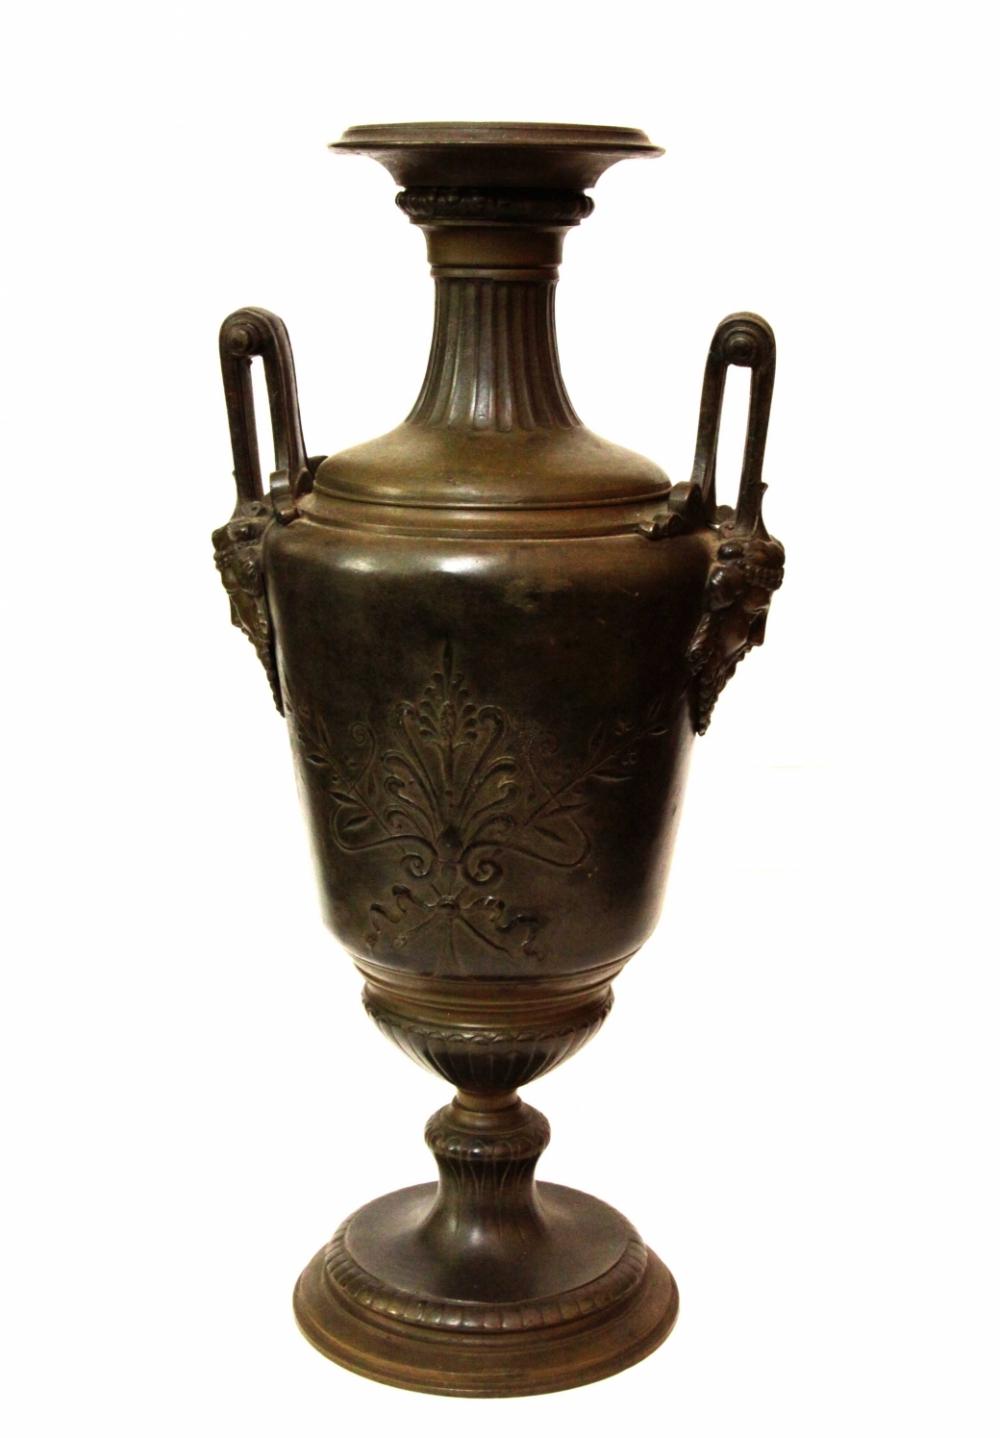 Ваза декоративная шпиатровая в античном стиле